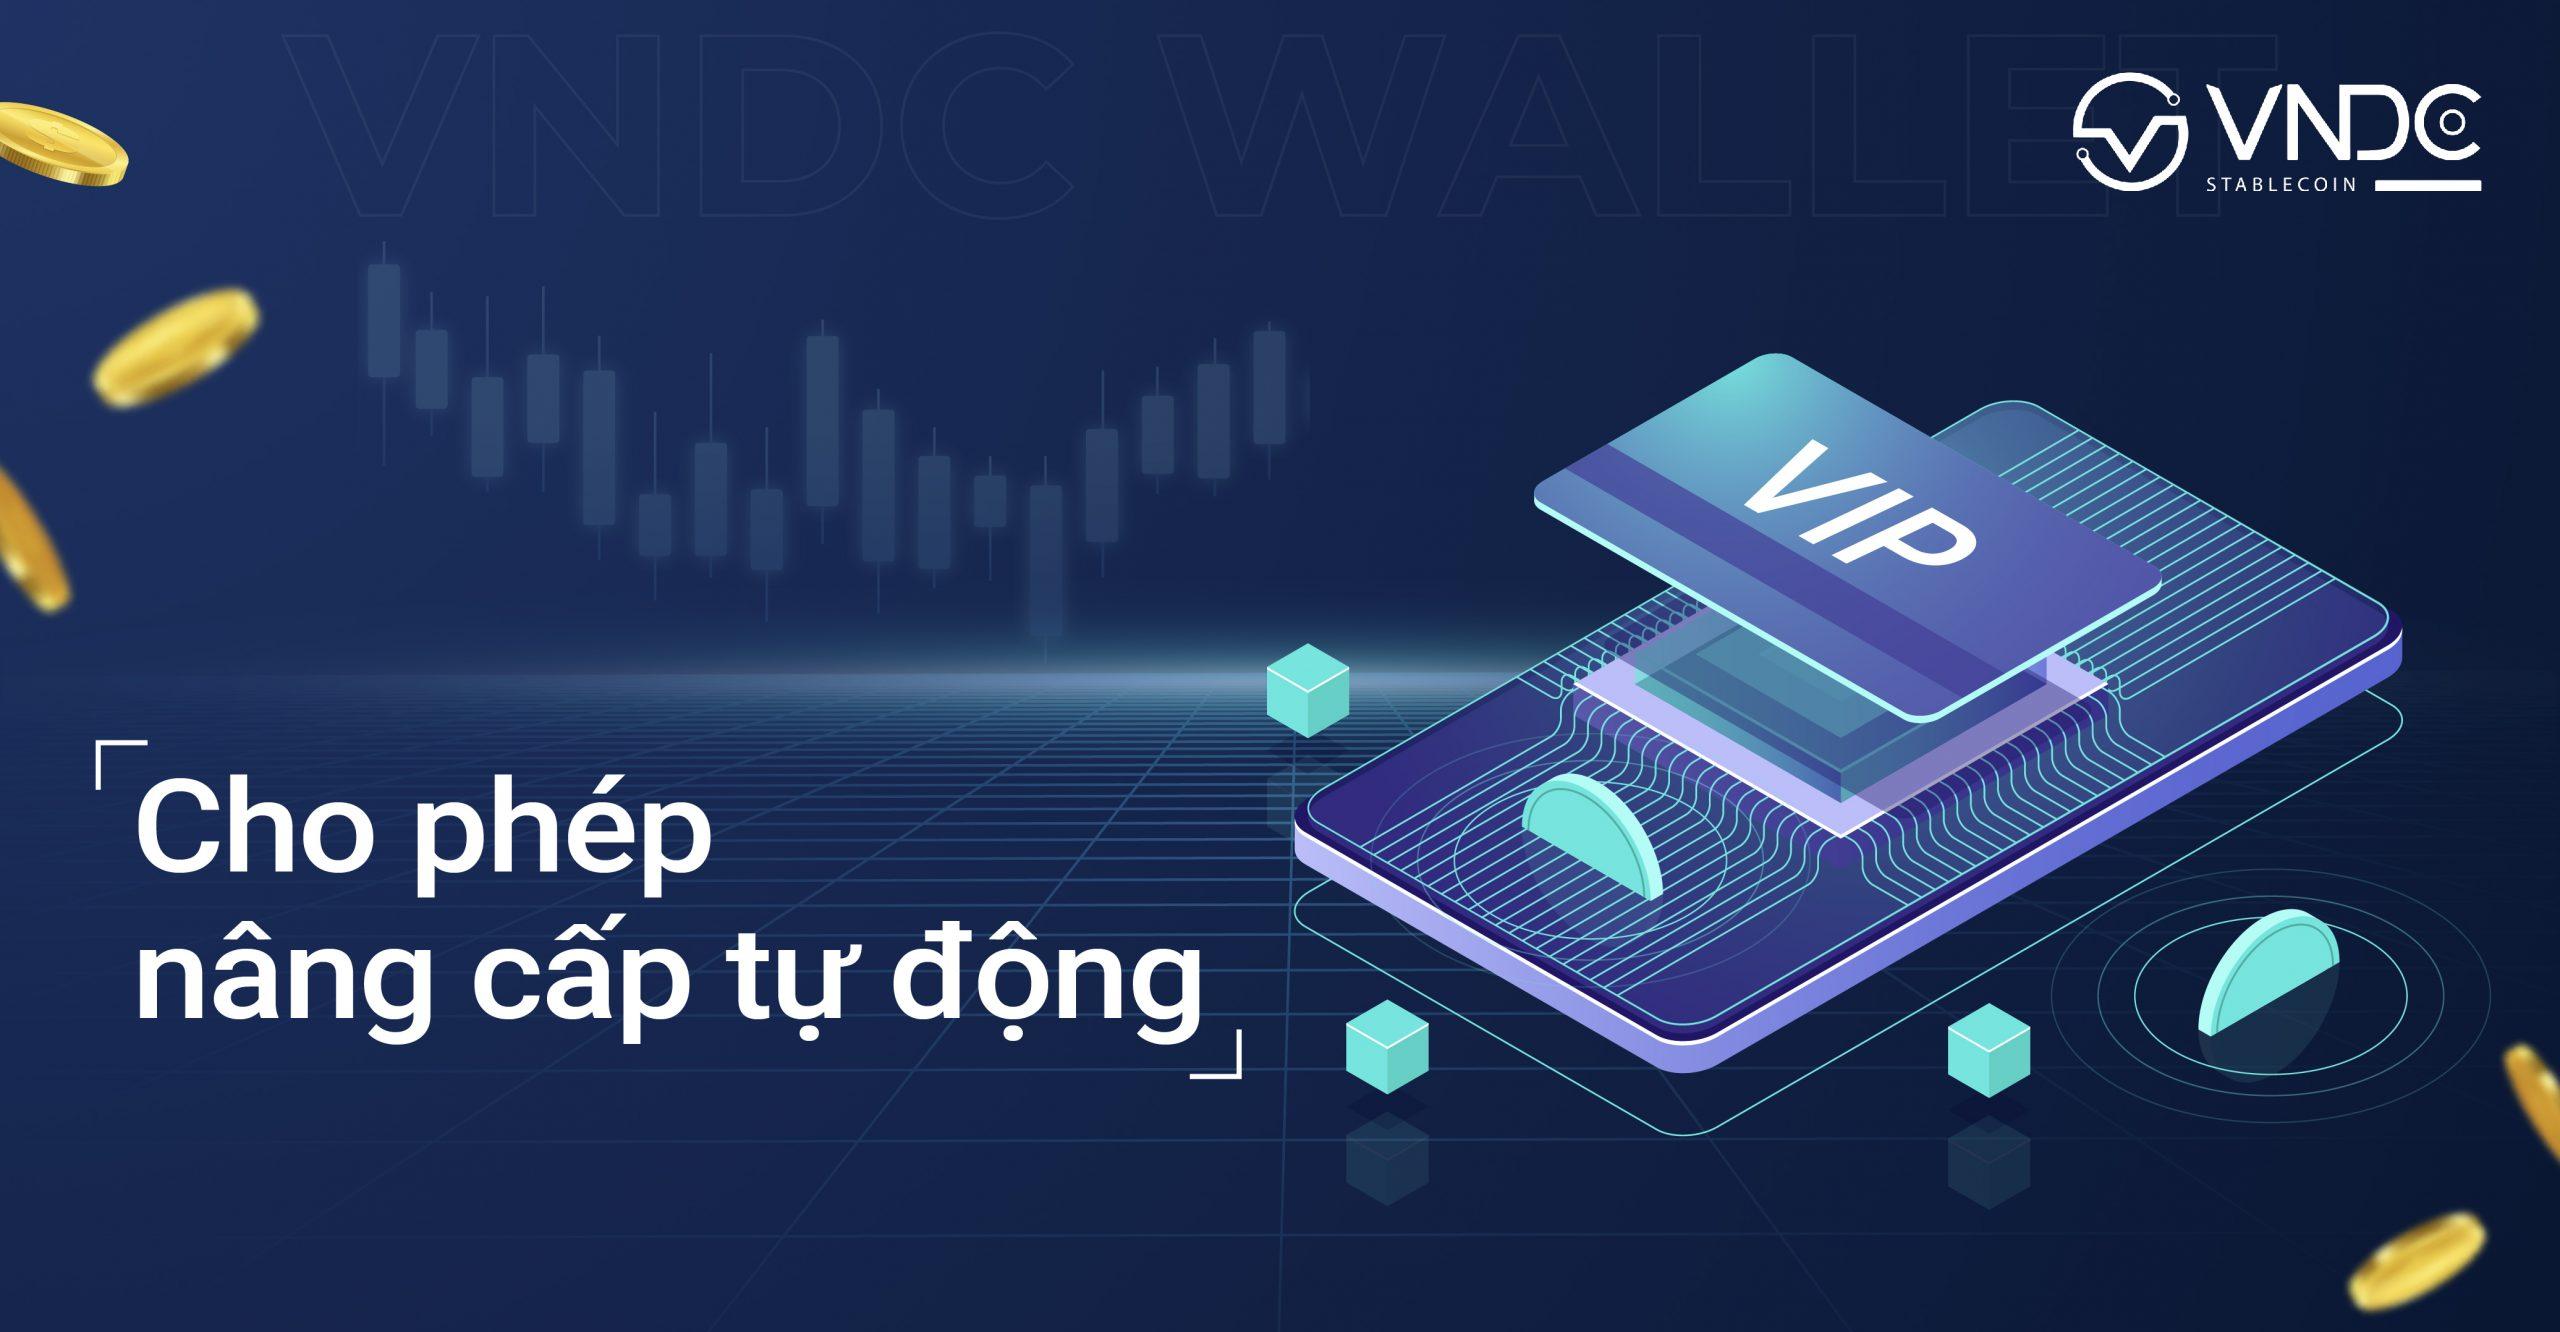 Nâng cấp tài khoản và đăng ký đối tác kinh doanh tự động ngay trên VNDC Wallet